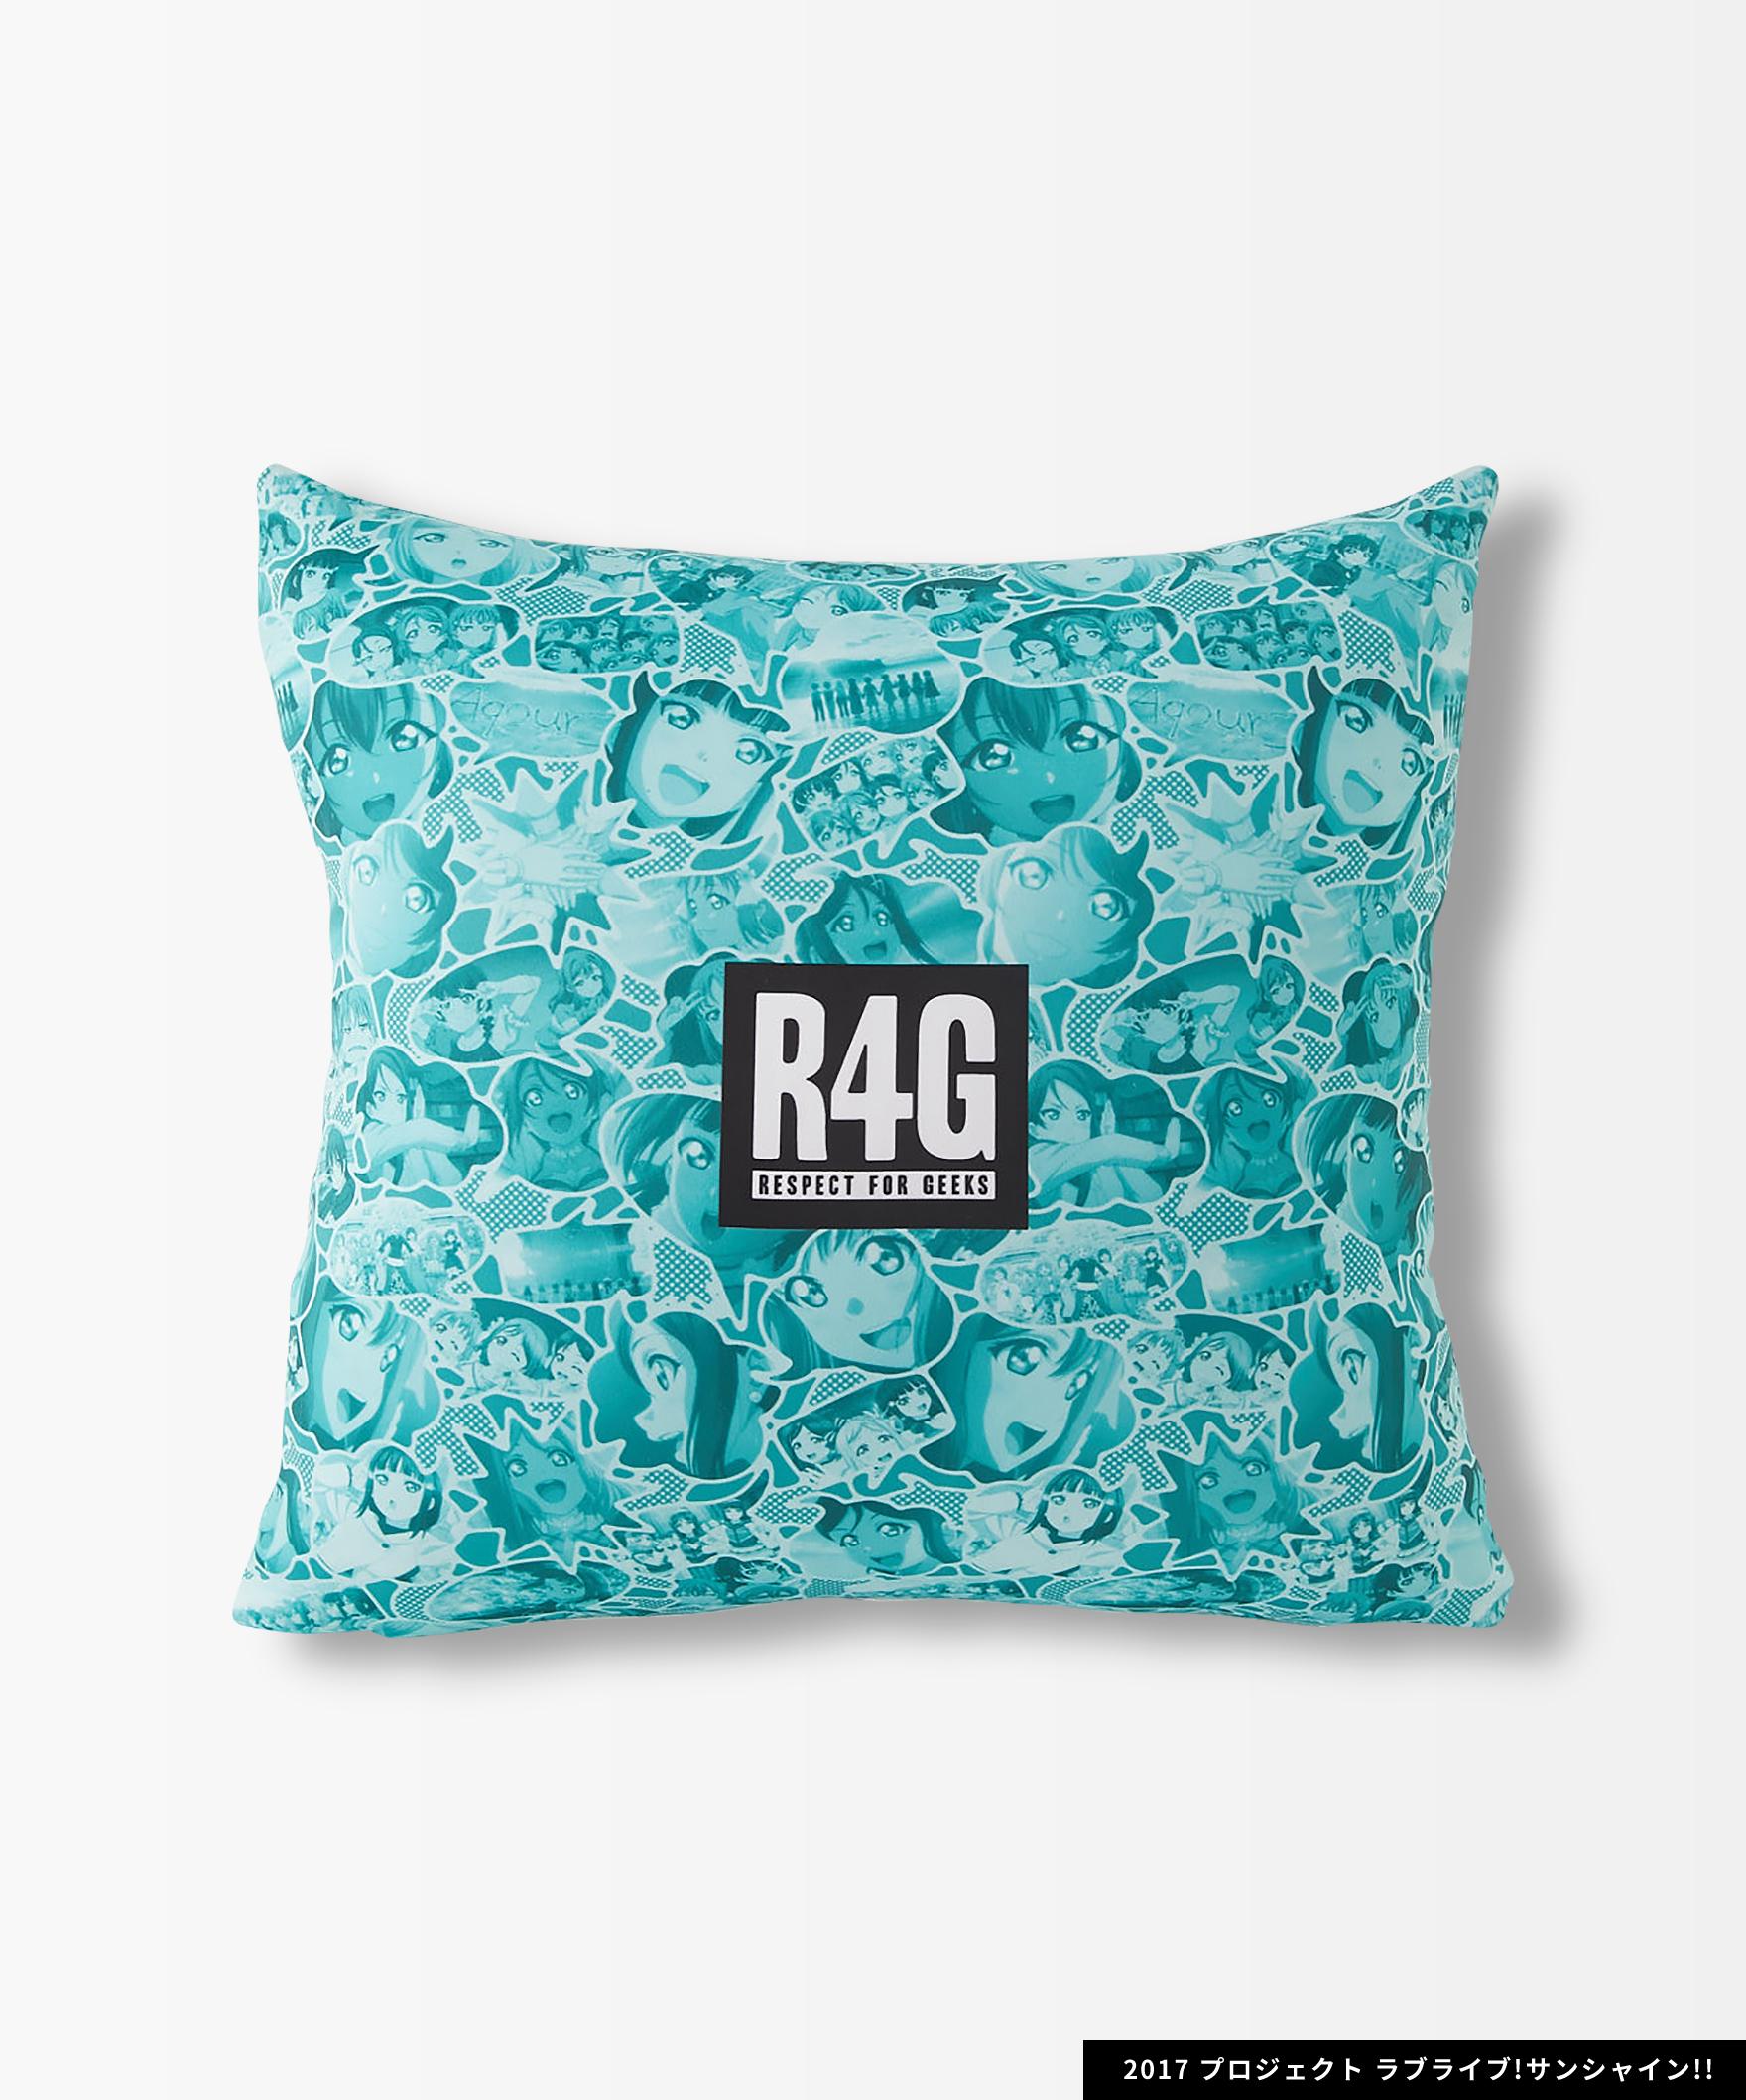 Aqours×R4G Cushion Cover(GRN)